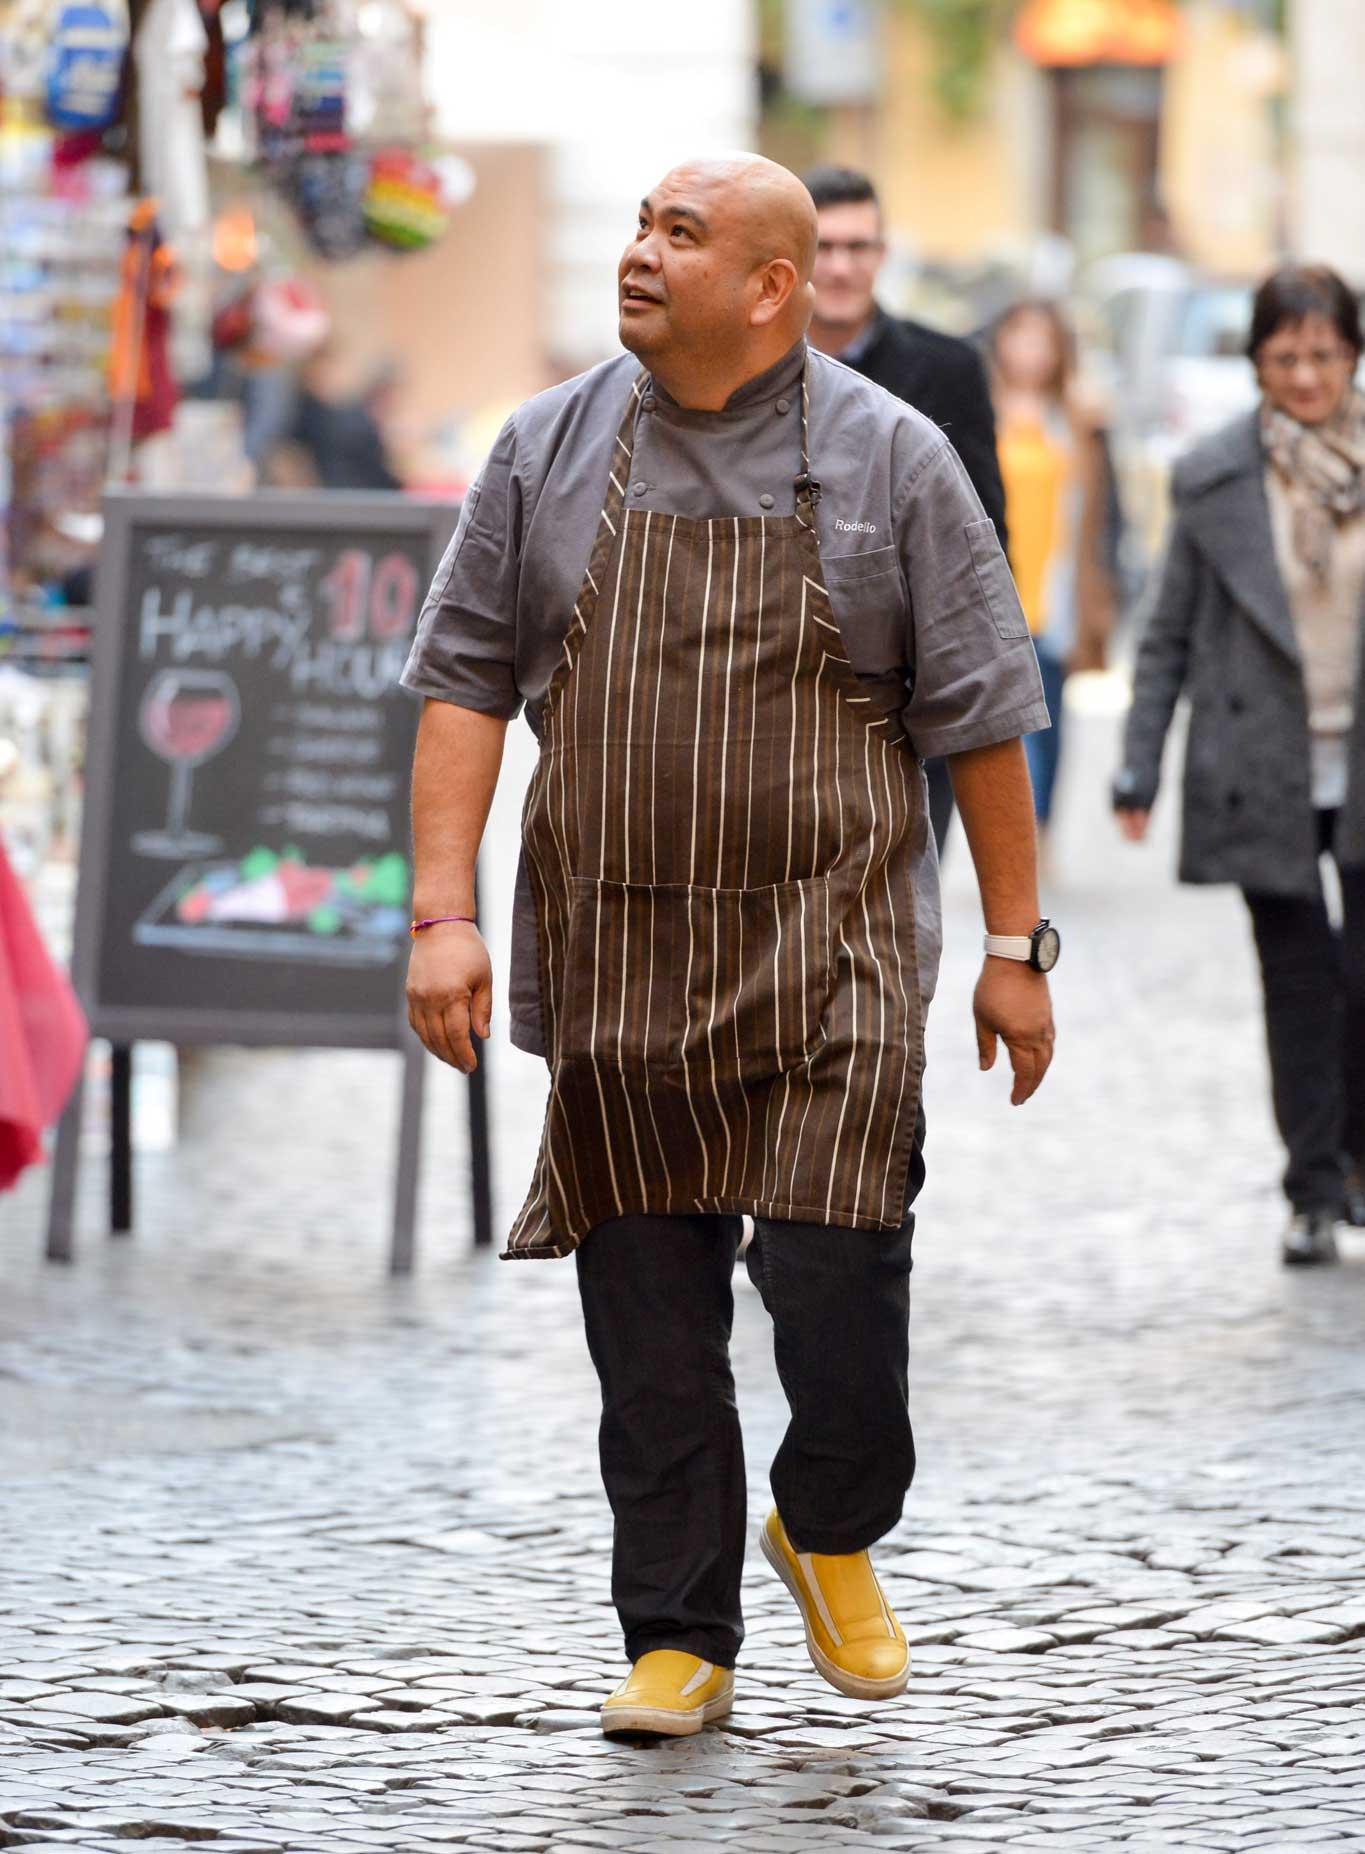 Rodelio Aglibot chef